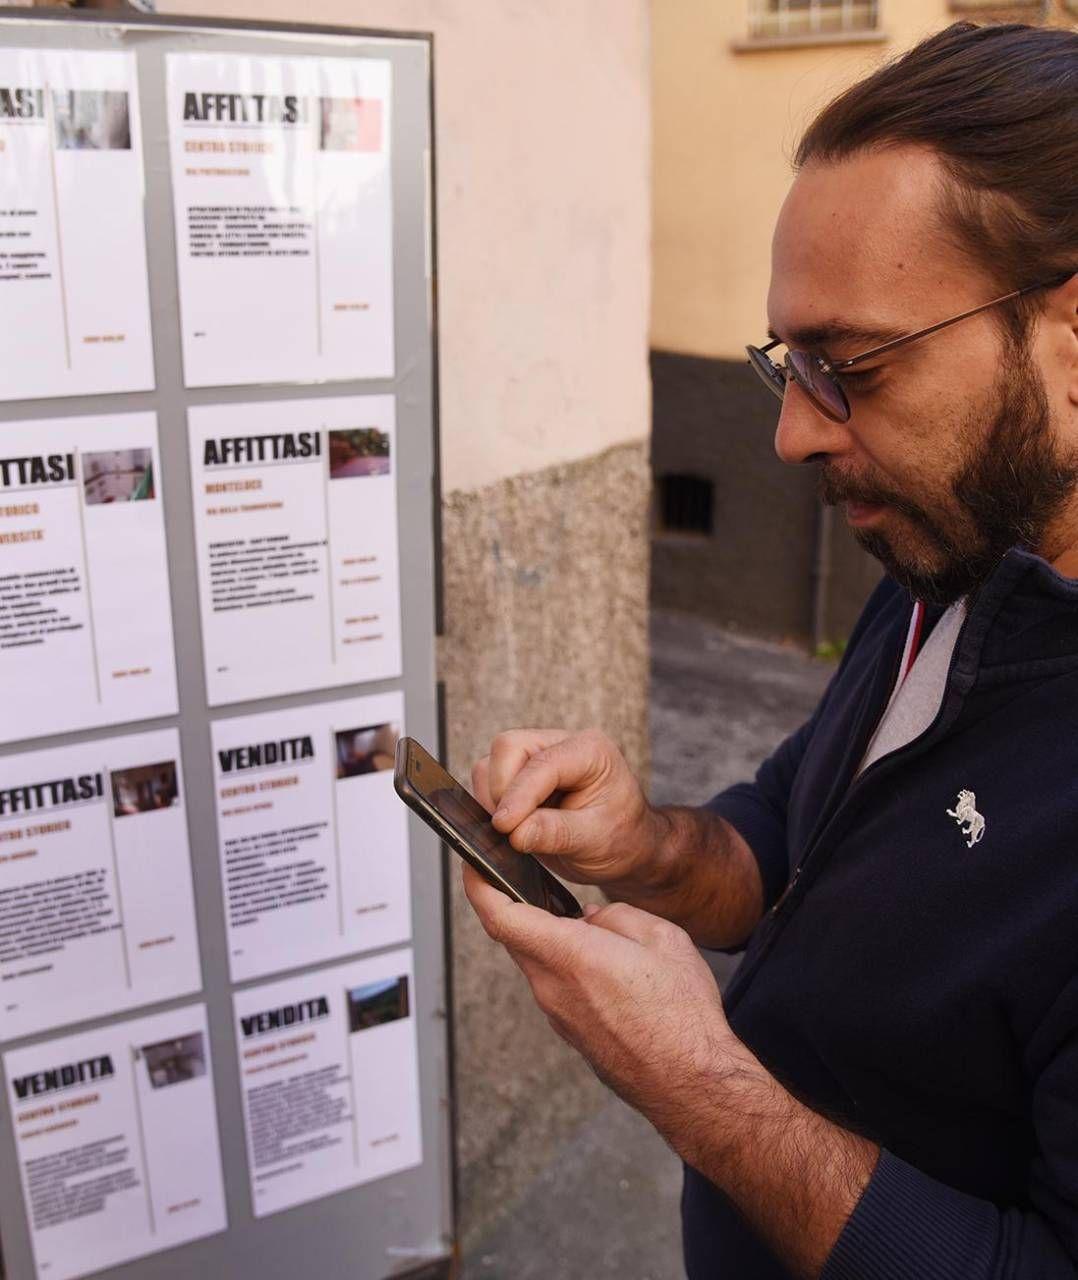 L'offerta di stanze in affitto cresce in Italia. Il prezzo medio si aggira sui 400 euro per una singola